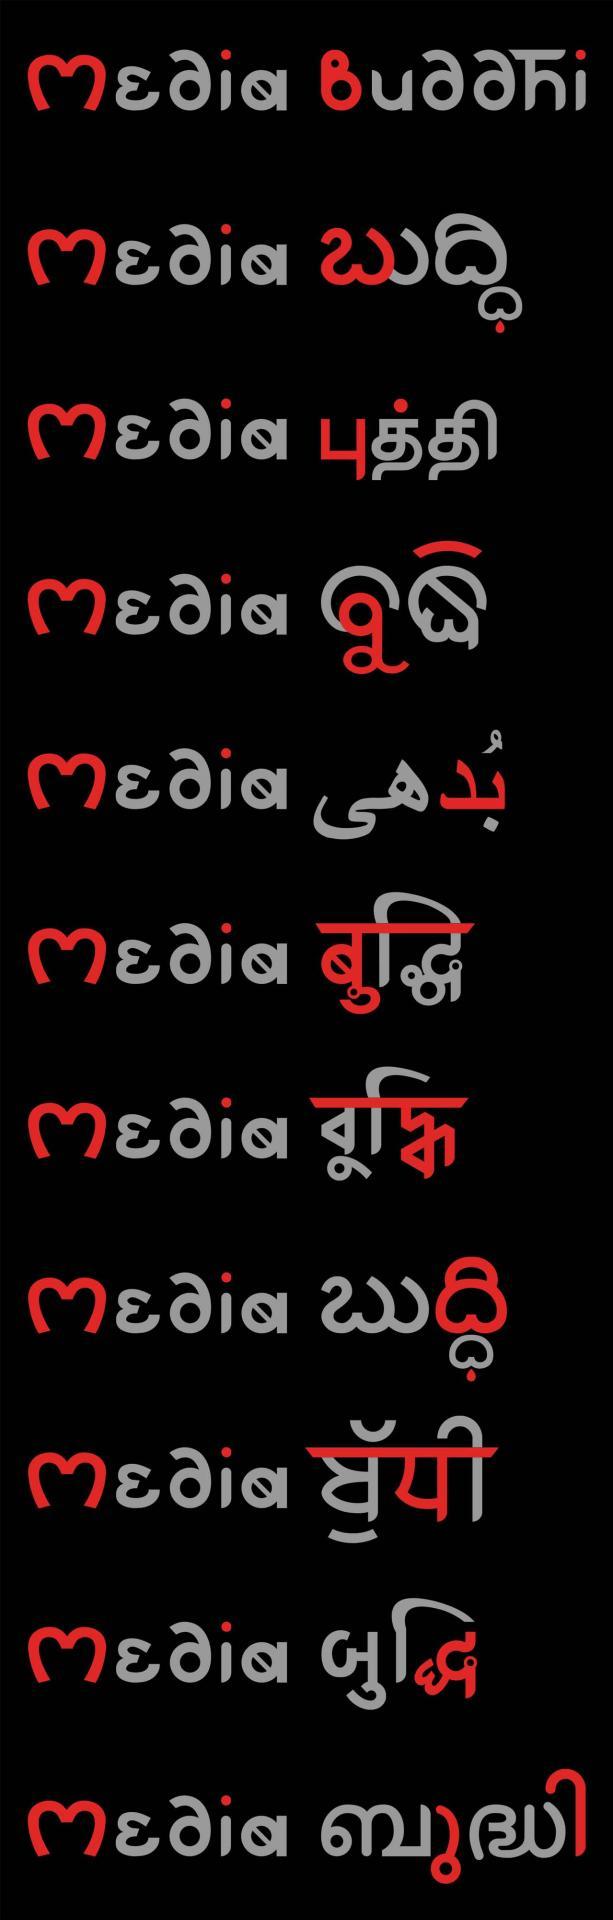 Sml mediabuddhi05